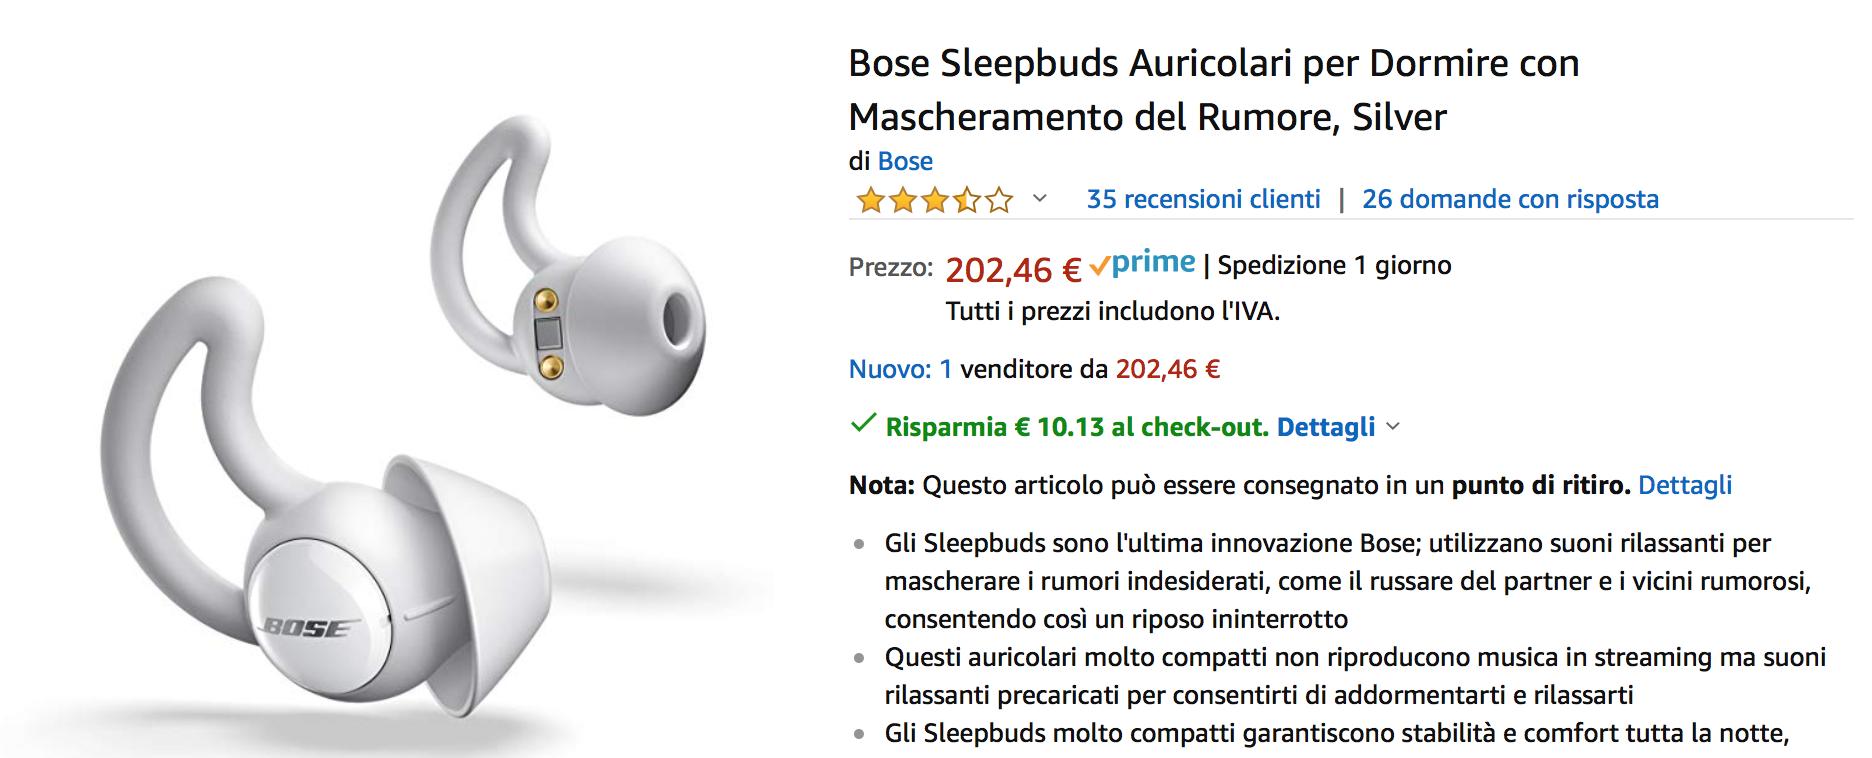 Gli auricolari Bose per dormire in super sconto su Amazon: 192€